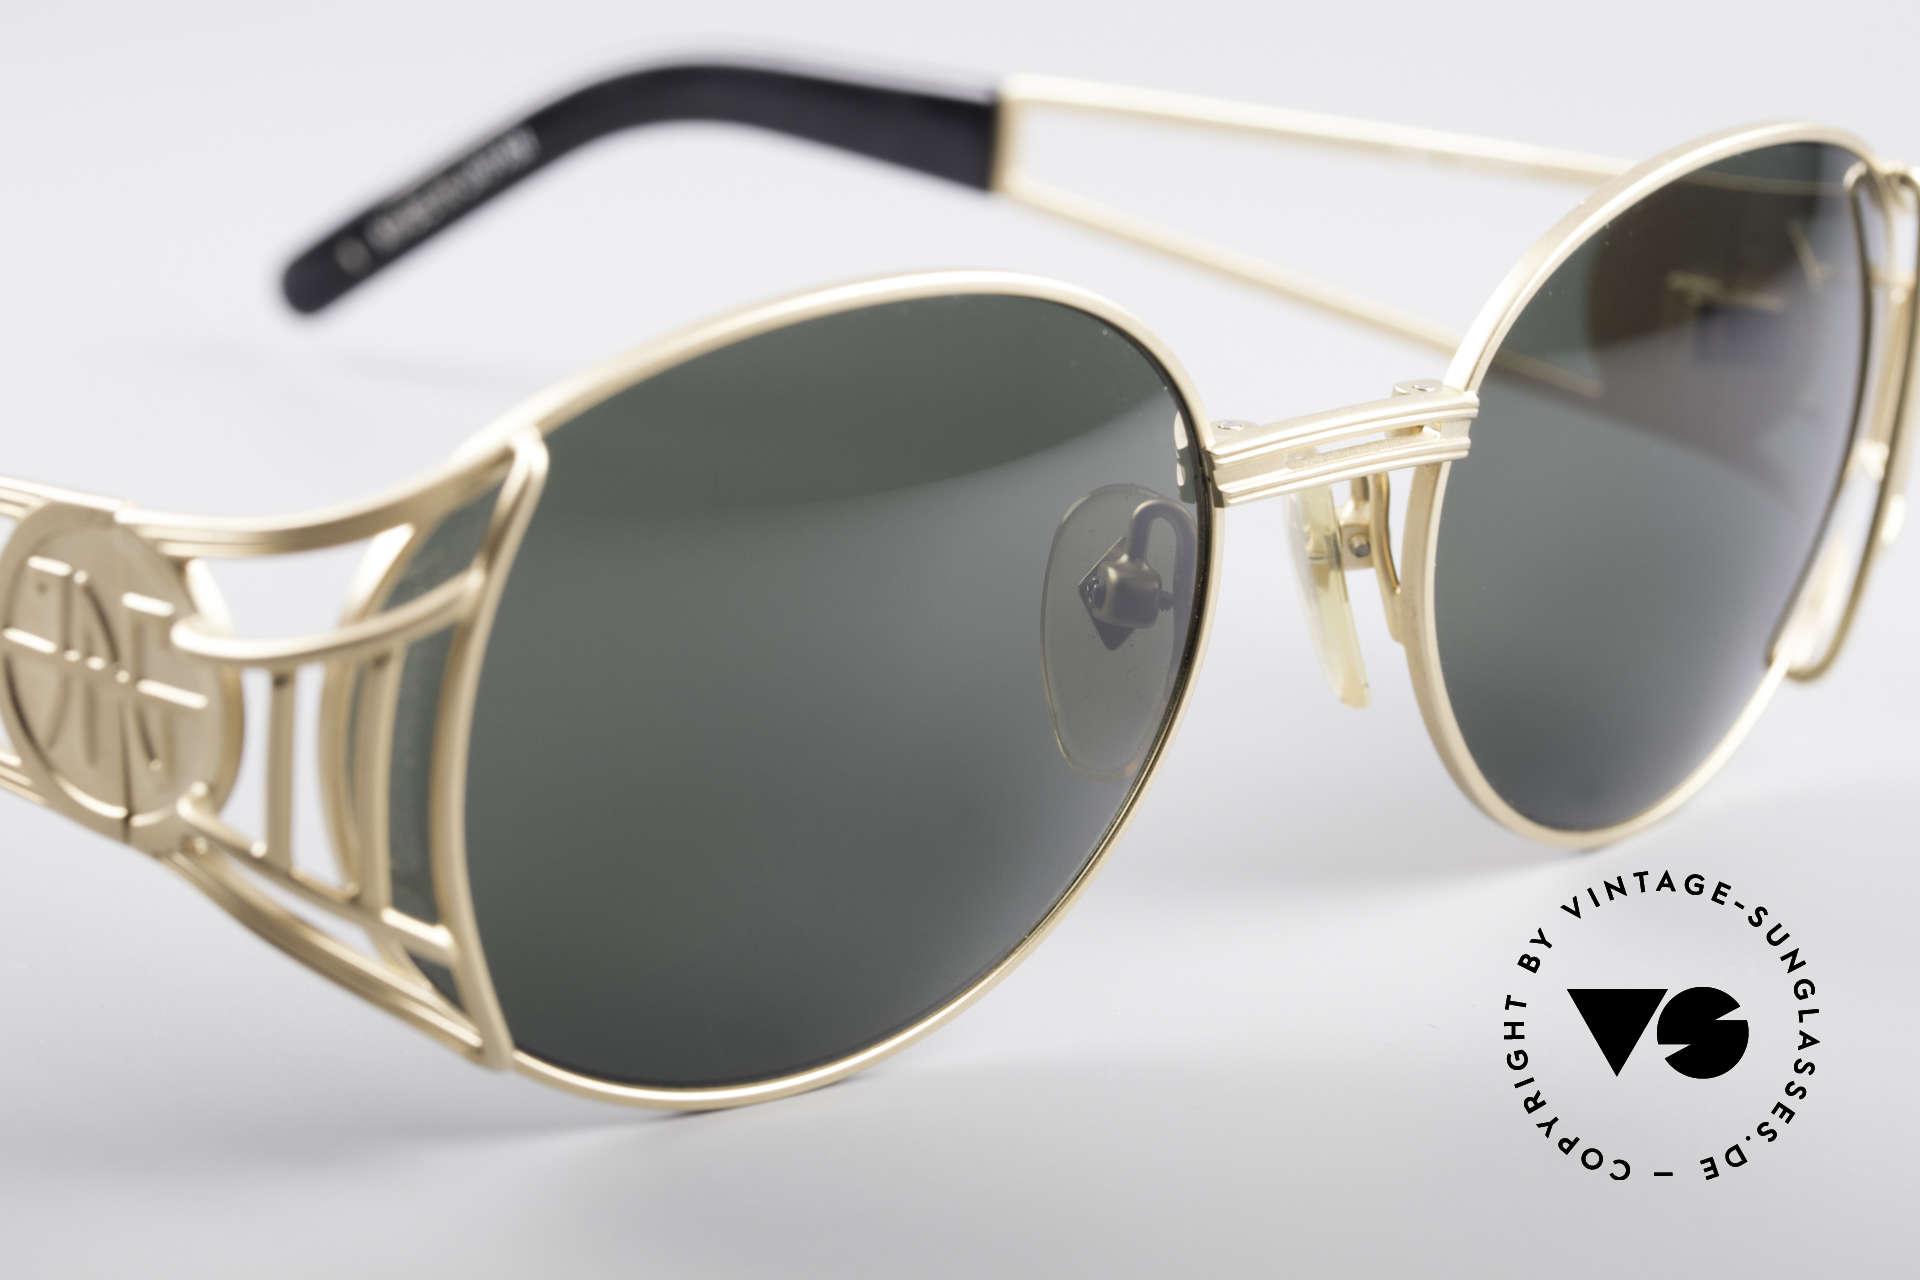 Jean Paul Gaultier 58-6102 Steampunk Designer Brille, Größe: medium, Passend für Herren und Damen